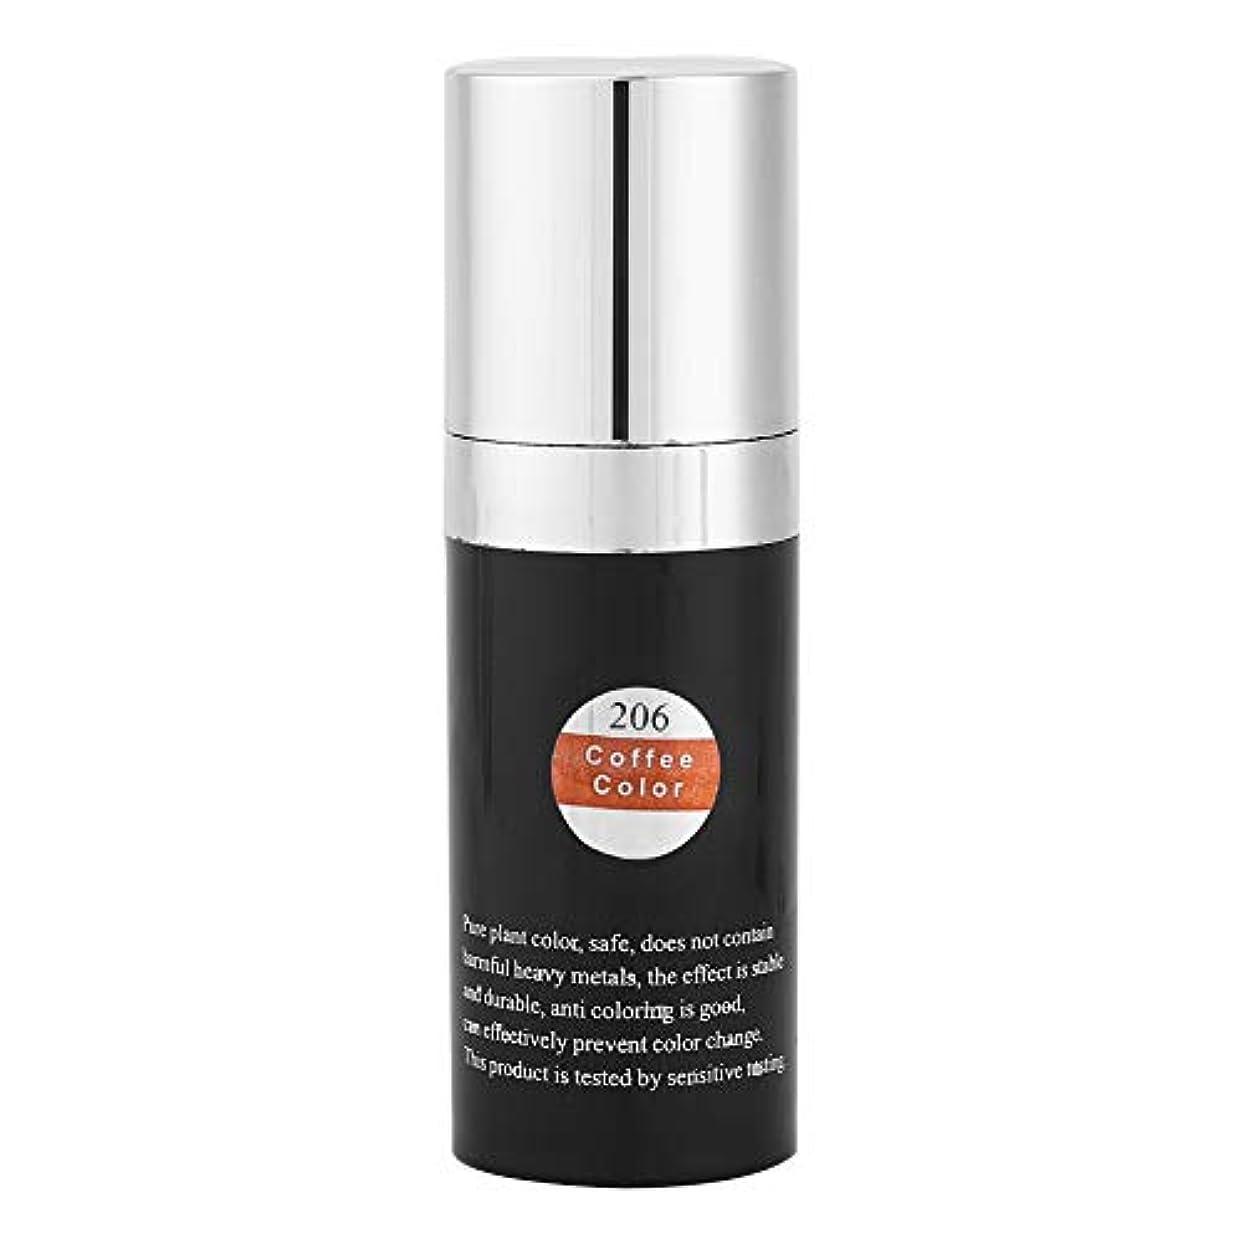 ガチョウクラフト負荷6色顔料の入れ墨、有機性植物の顔料インク眉毛の唇の目ライン永久的な色の構造の入れ墨の化粧品インク(コーヒー)